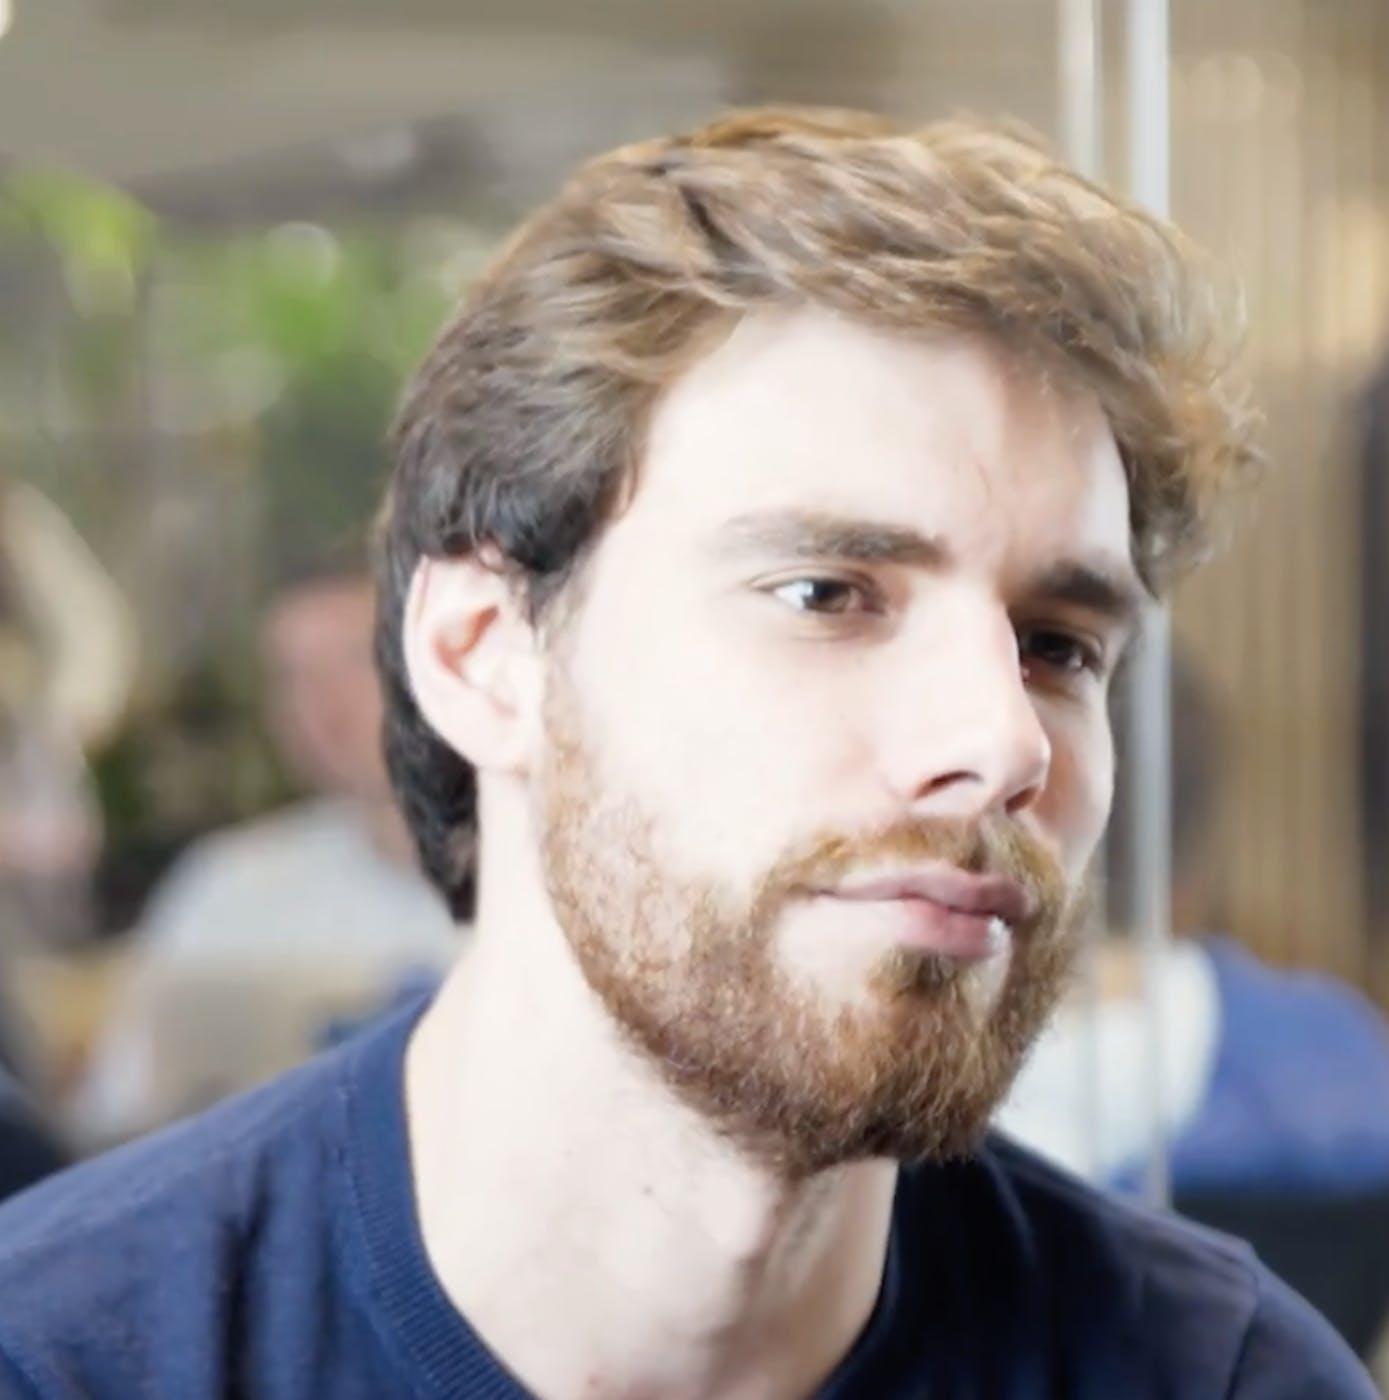 Pierre-Emmanuel Saint-Esprit, CEO